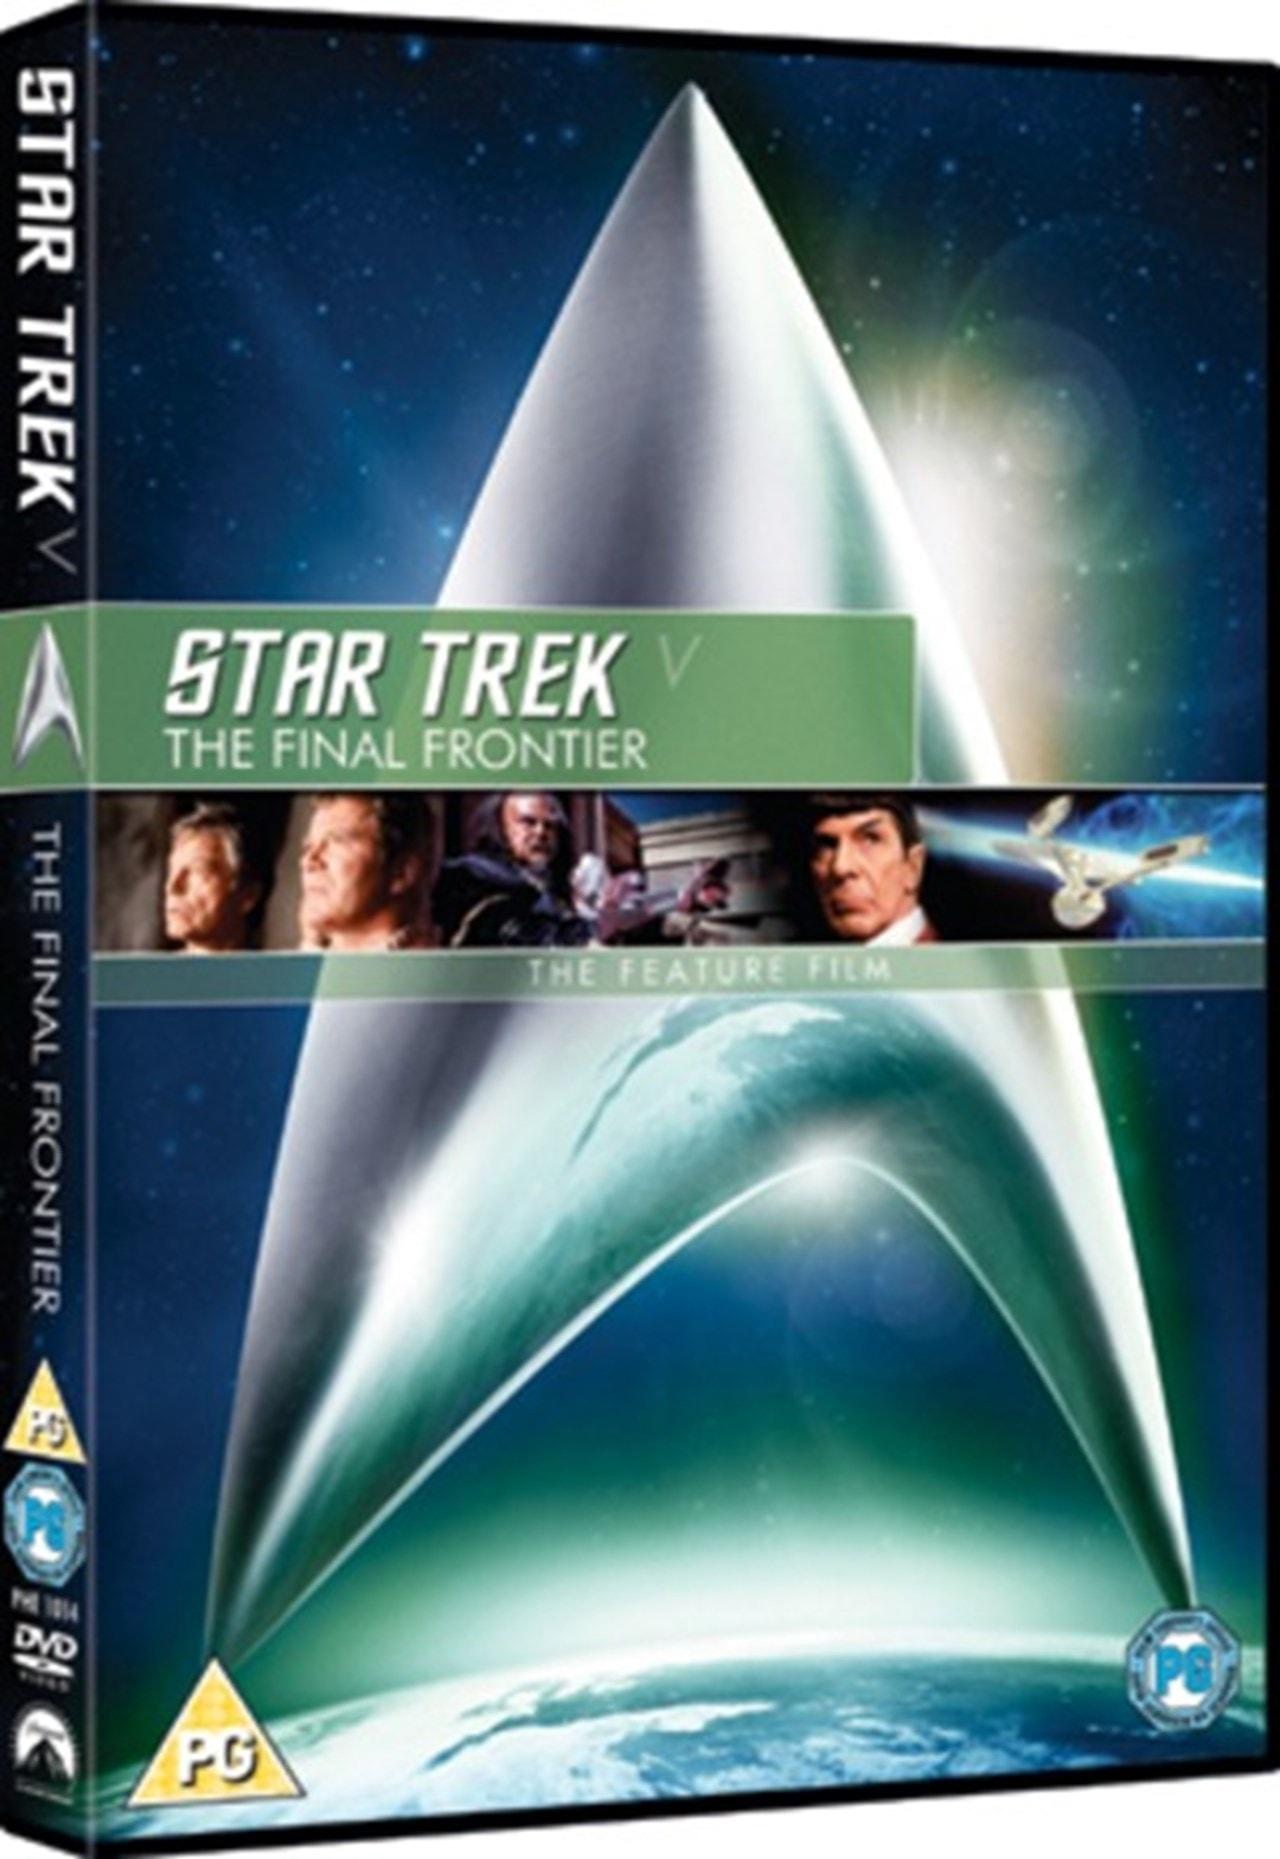 Star Trek 5 - The Final Frontier - 1